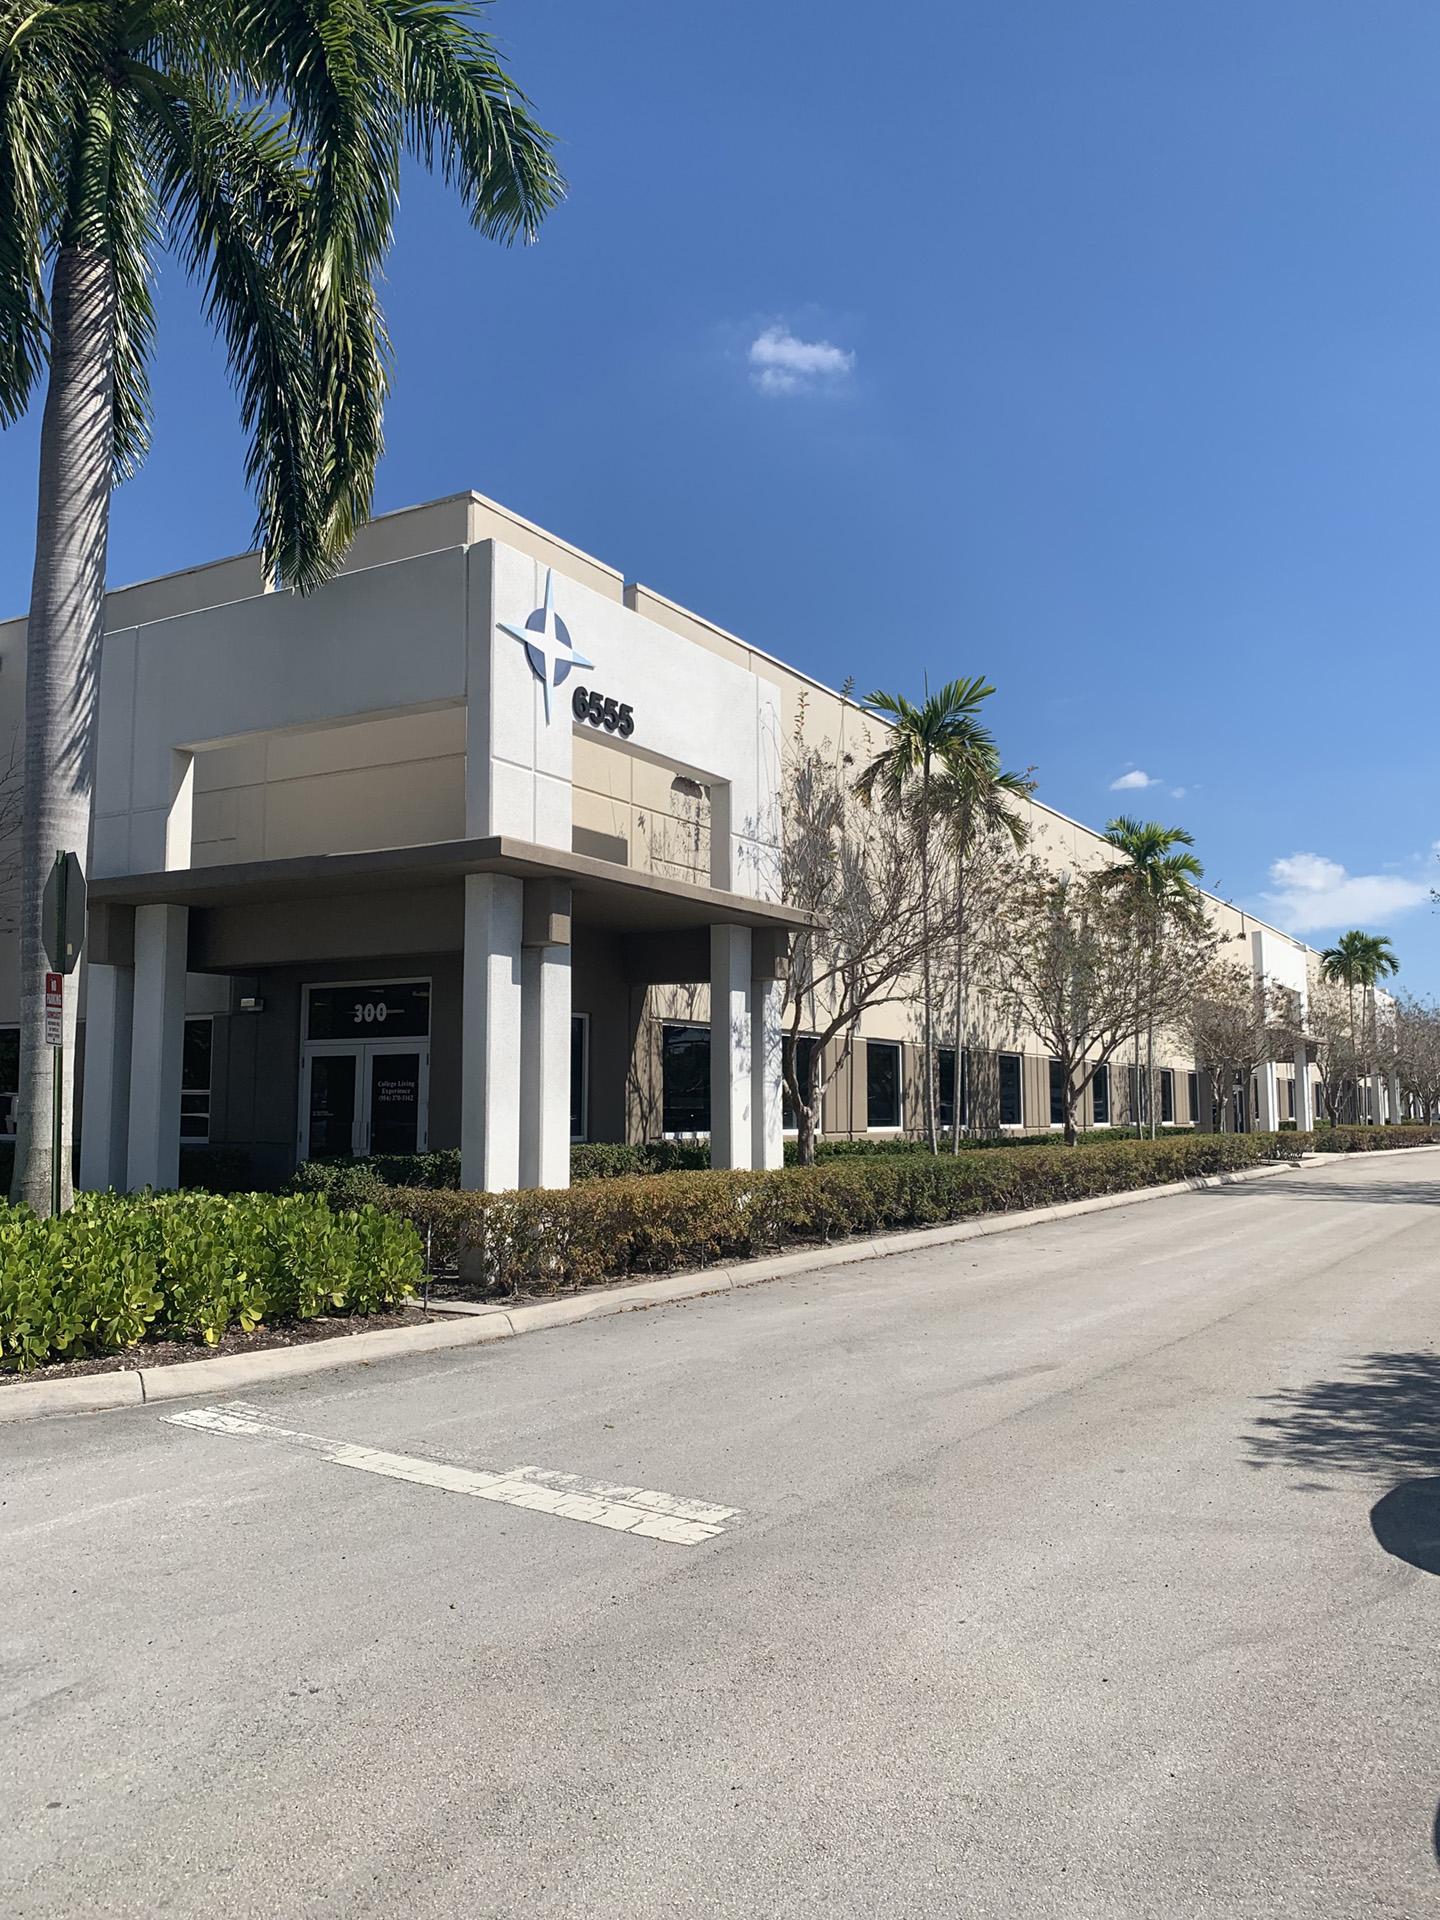 Seagis-University-6535 Nova Drive